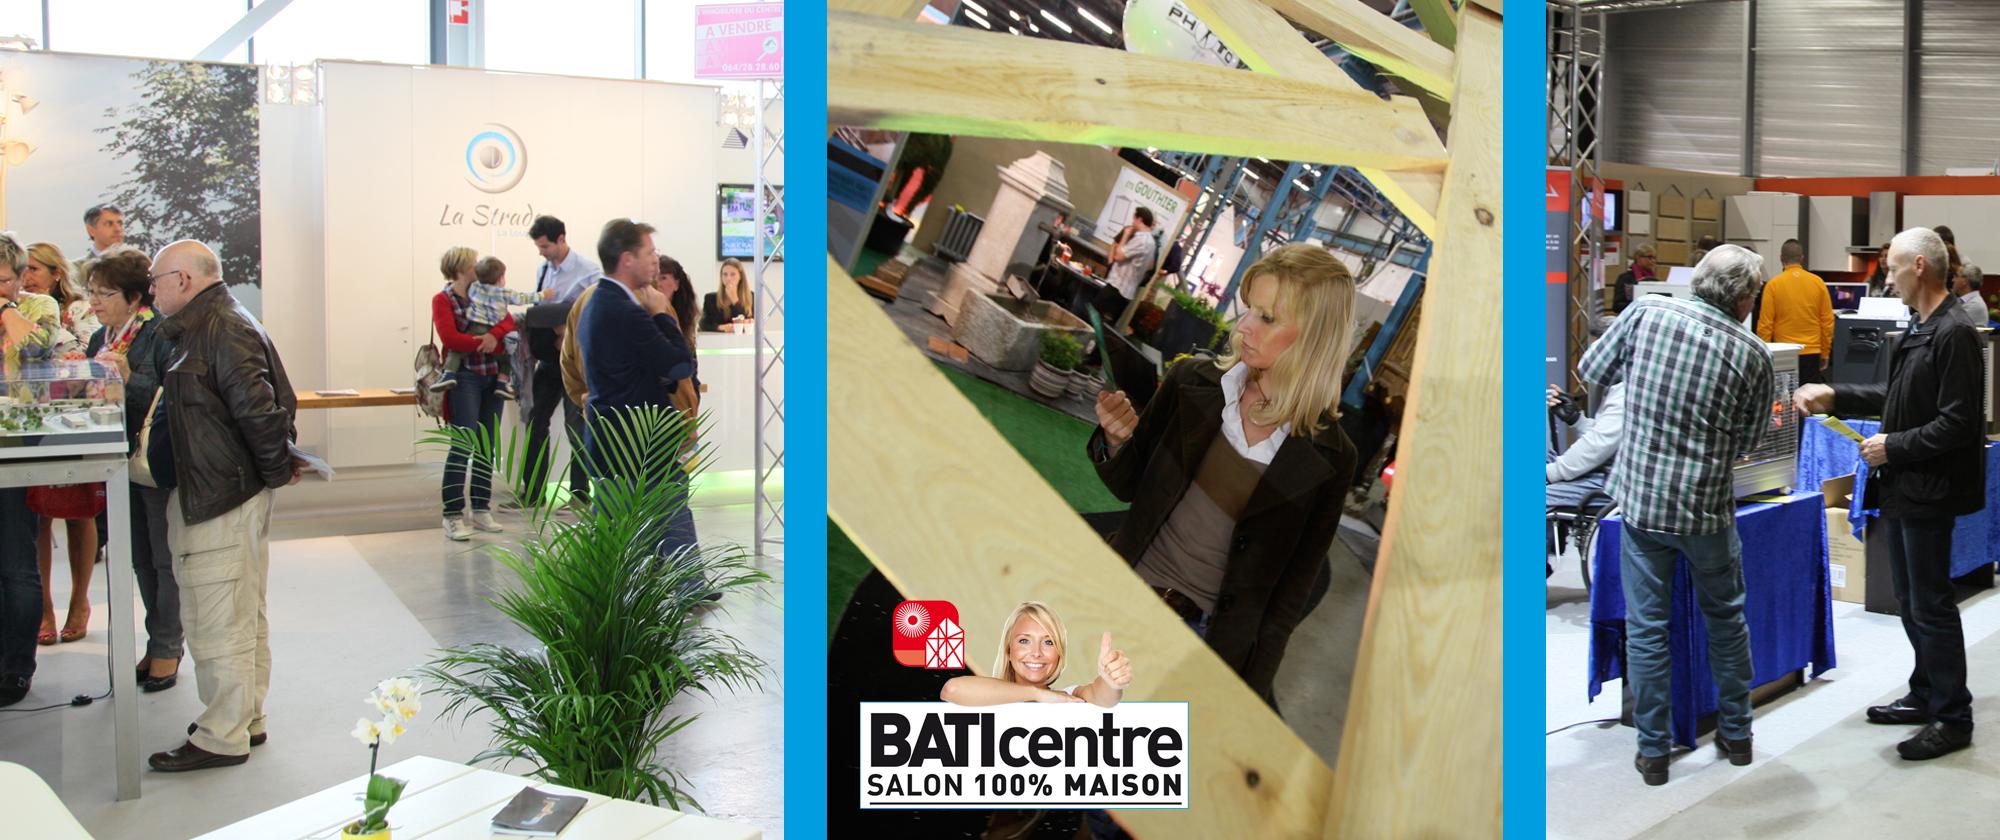 slide2-baticentre15